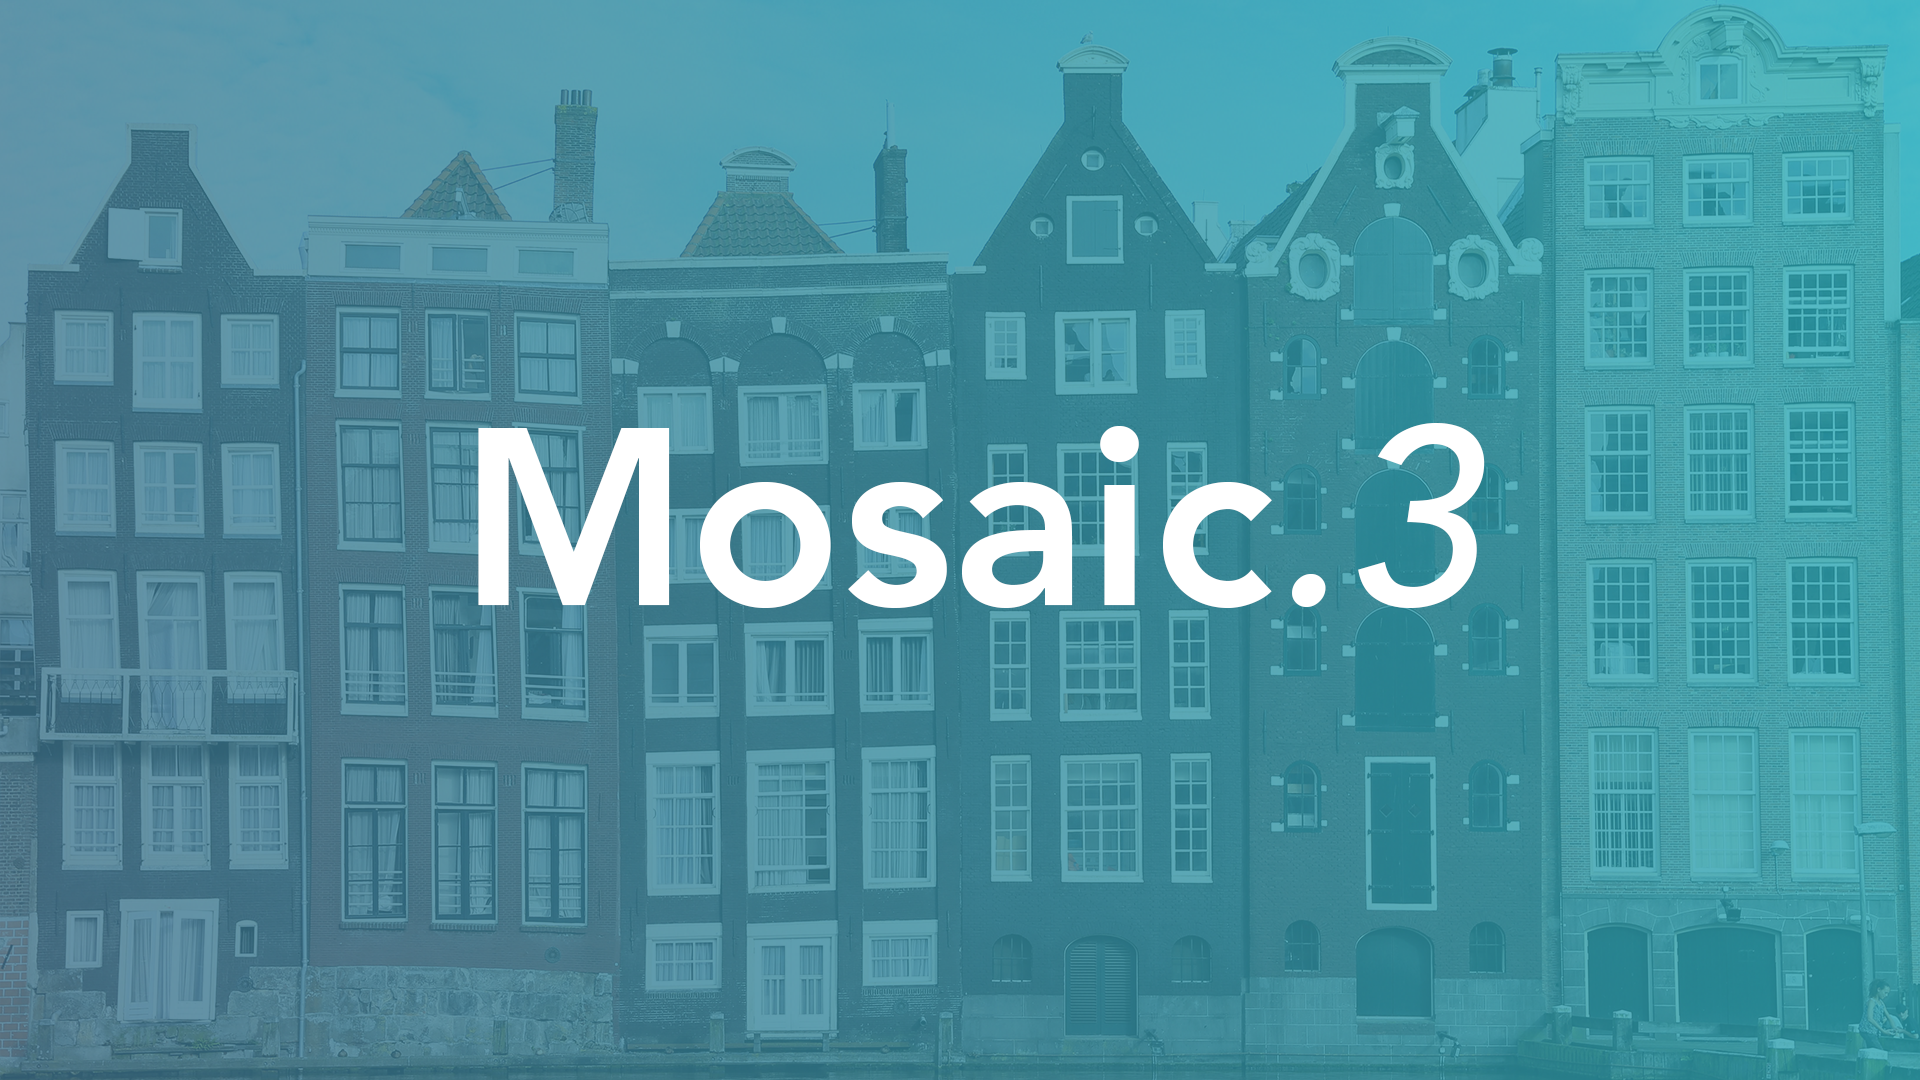 CodeGrade version Mosaic.3